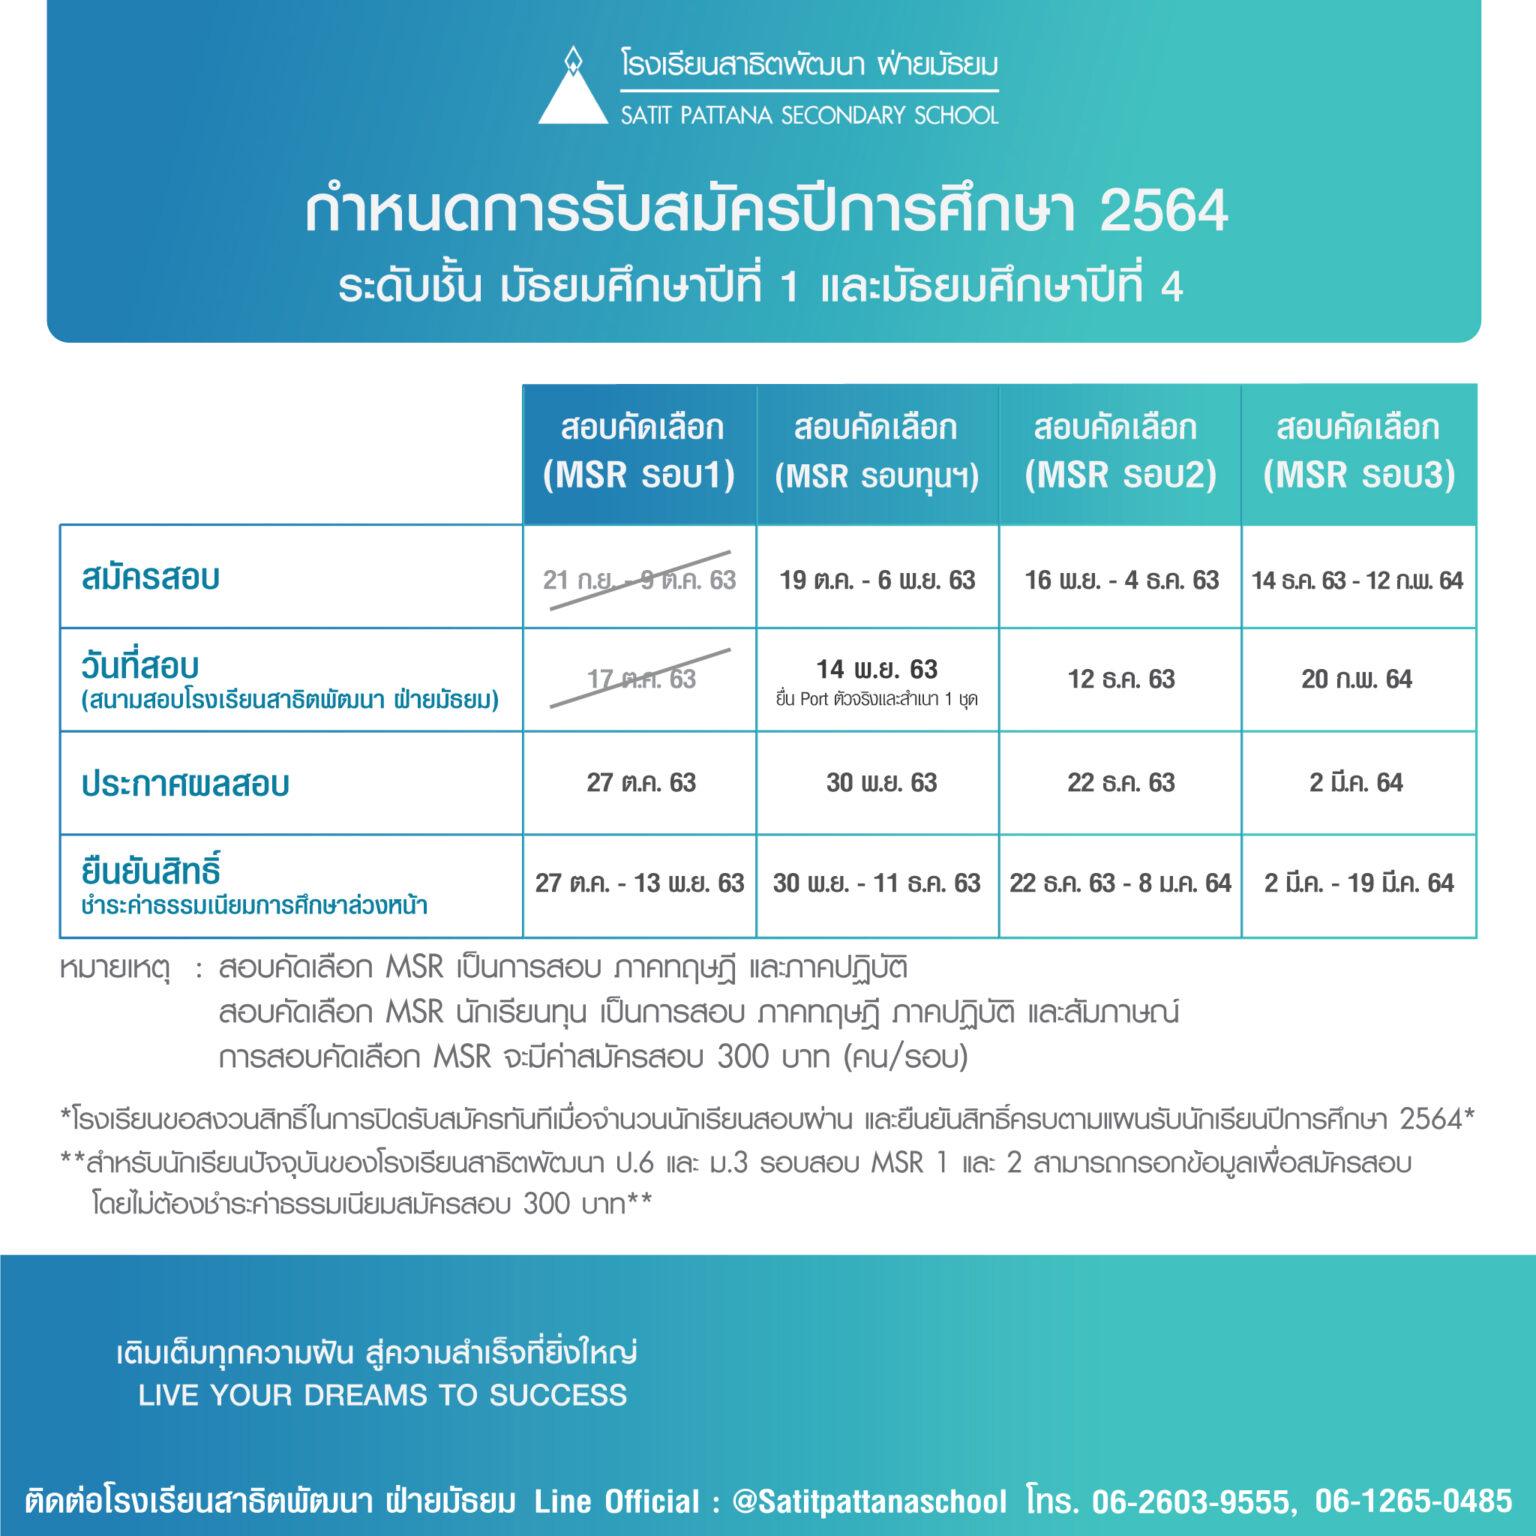 กำหนดการรับสมัคร ปีการศึกษา 2564 โรงเรียนสาธิตพัฒนา ฝ่ายมัธยม อัพเดท 20 ตุลาคม 2563